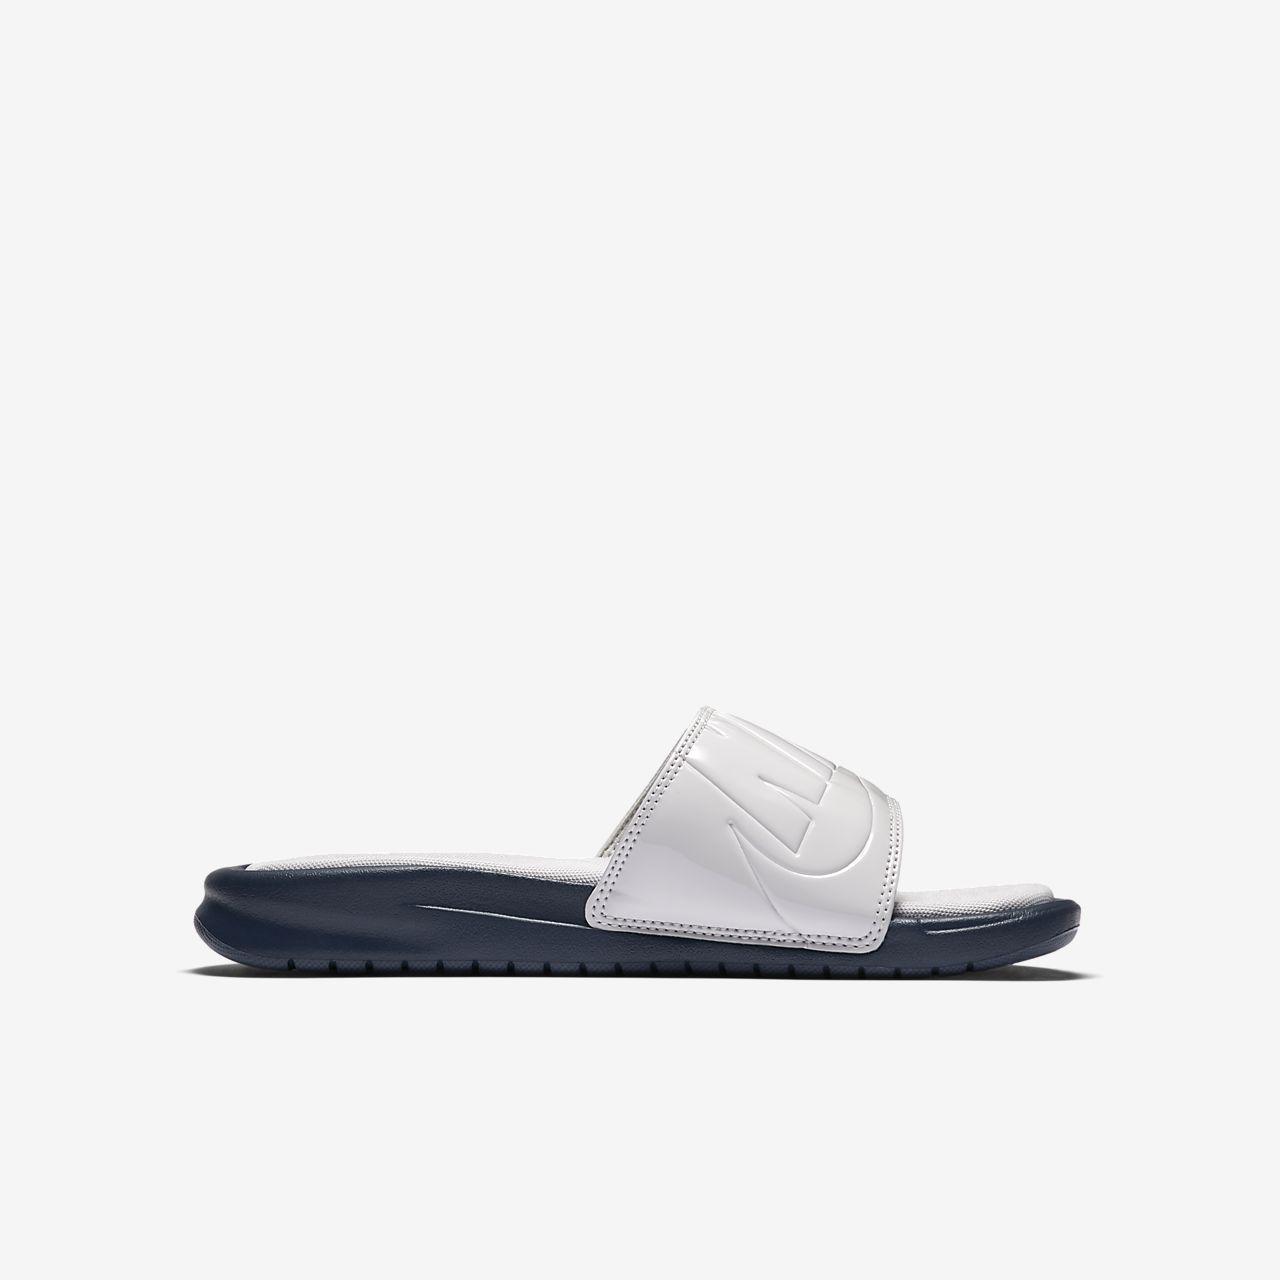 Scarpe sportive beige per donna Nike Benassi Precio Barato Para La Venta Salida Más Barata zwG631W